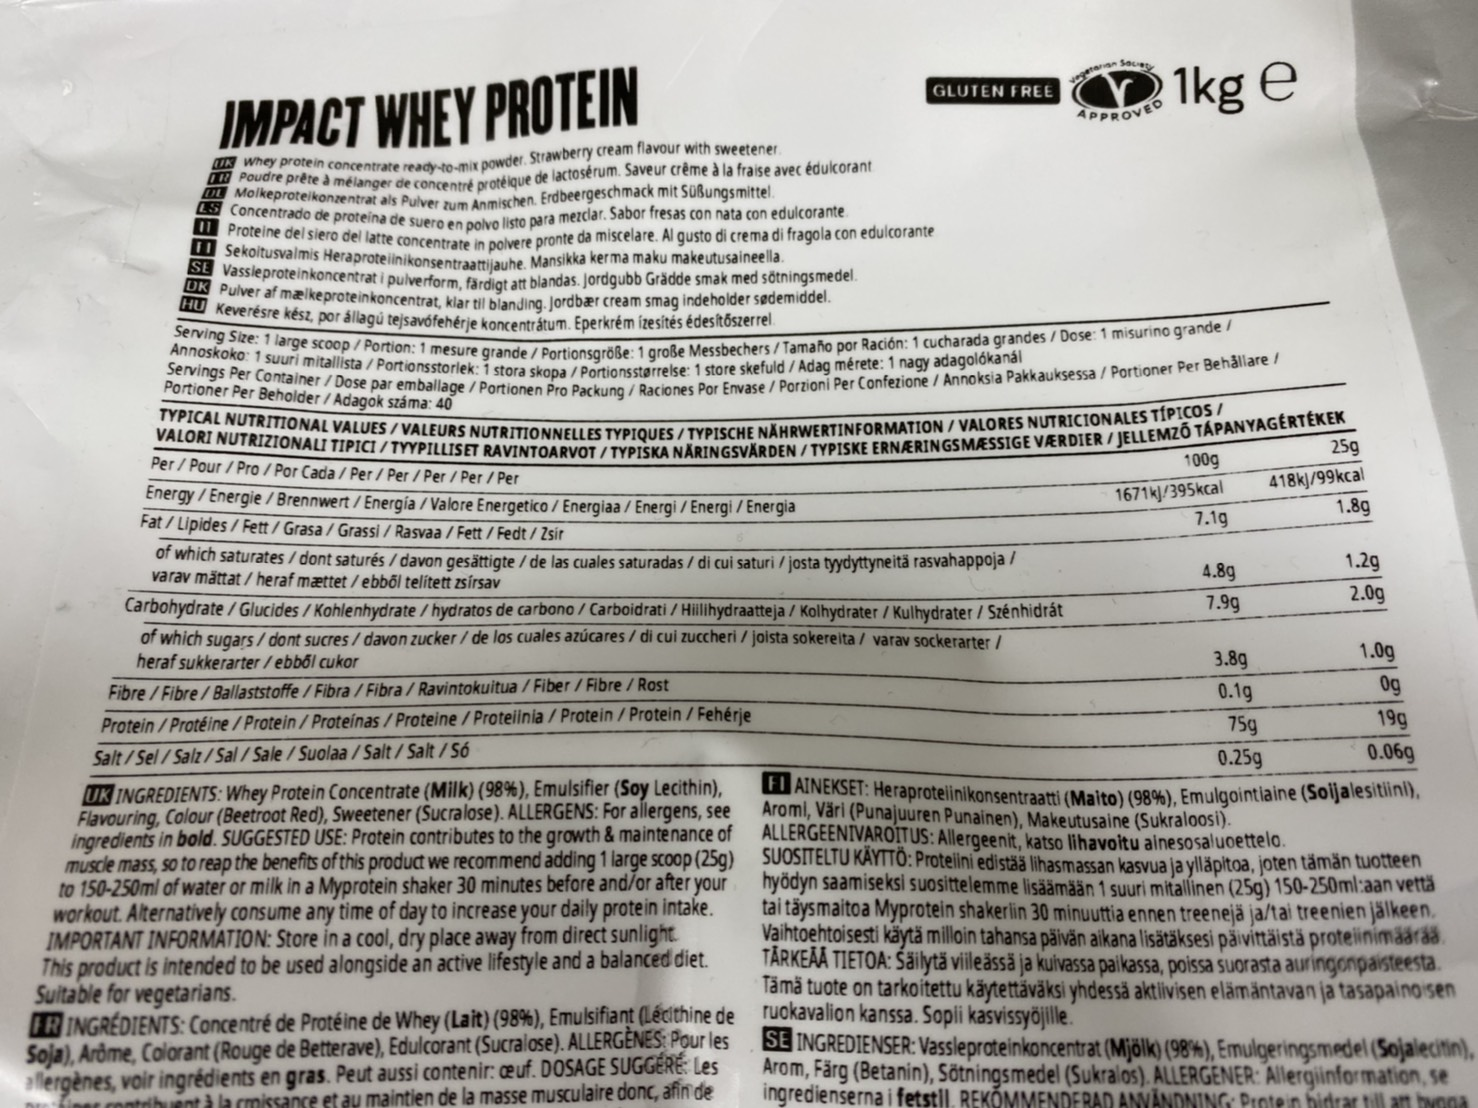 マイプロテインImpactホエイプロテイン:ストロベリークリーム味の成分表